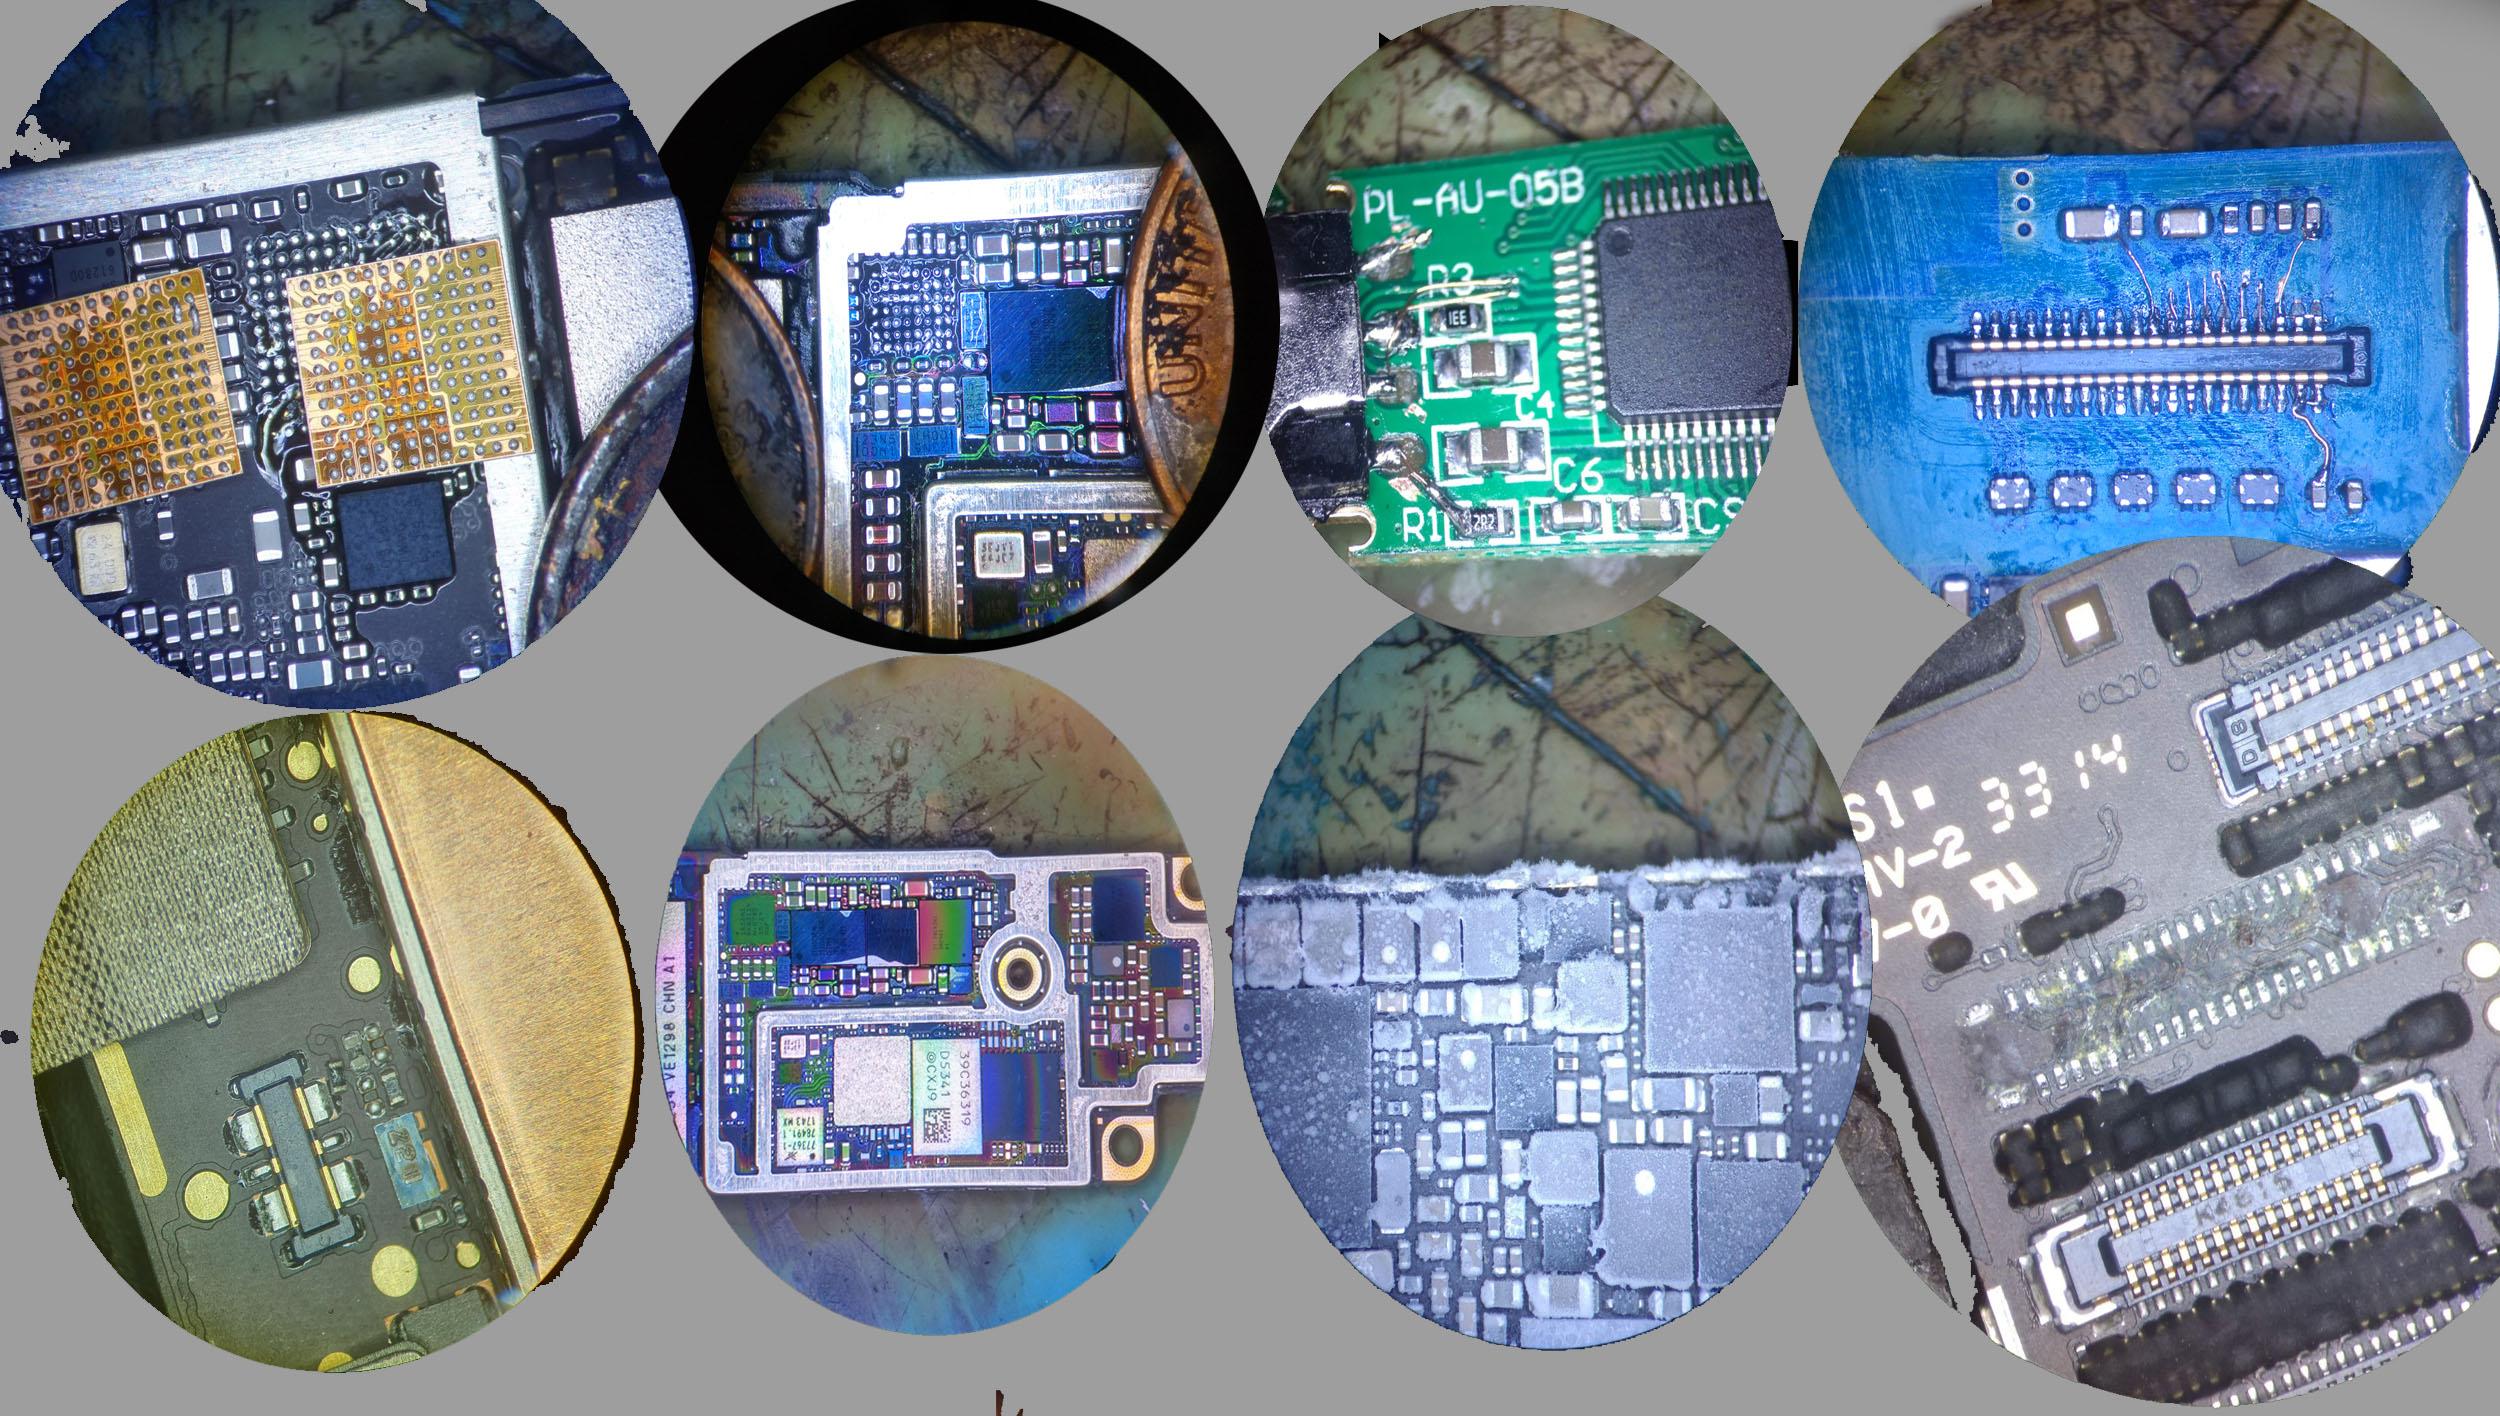 microsoldering repair images.